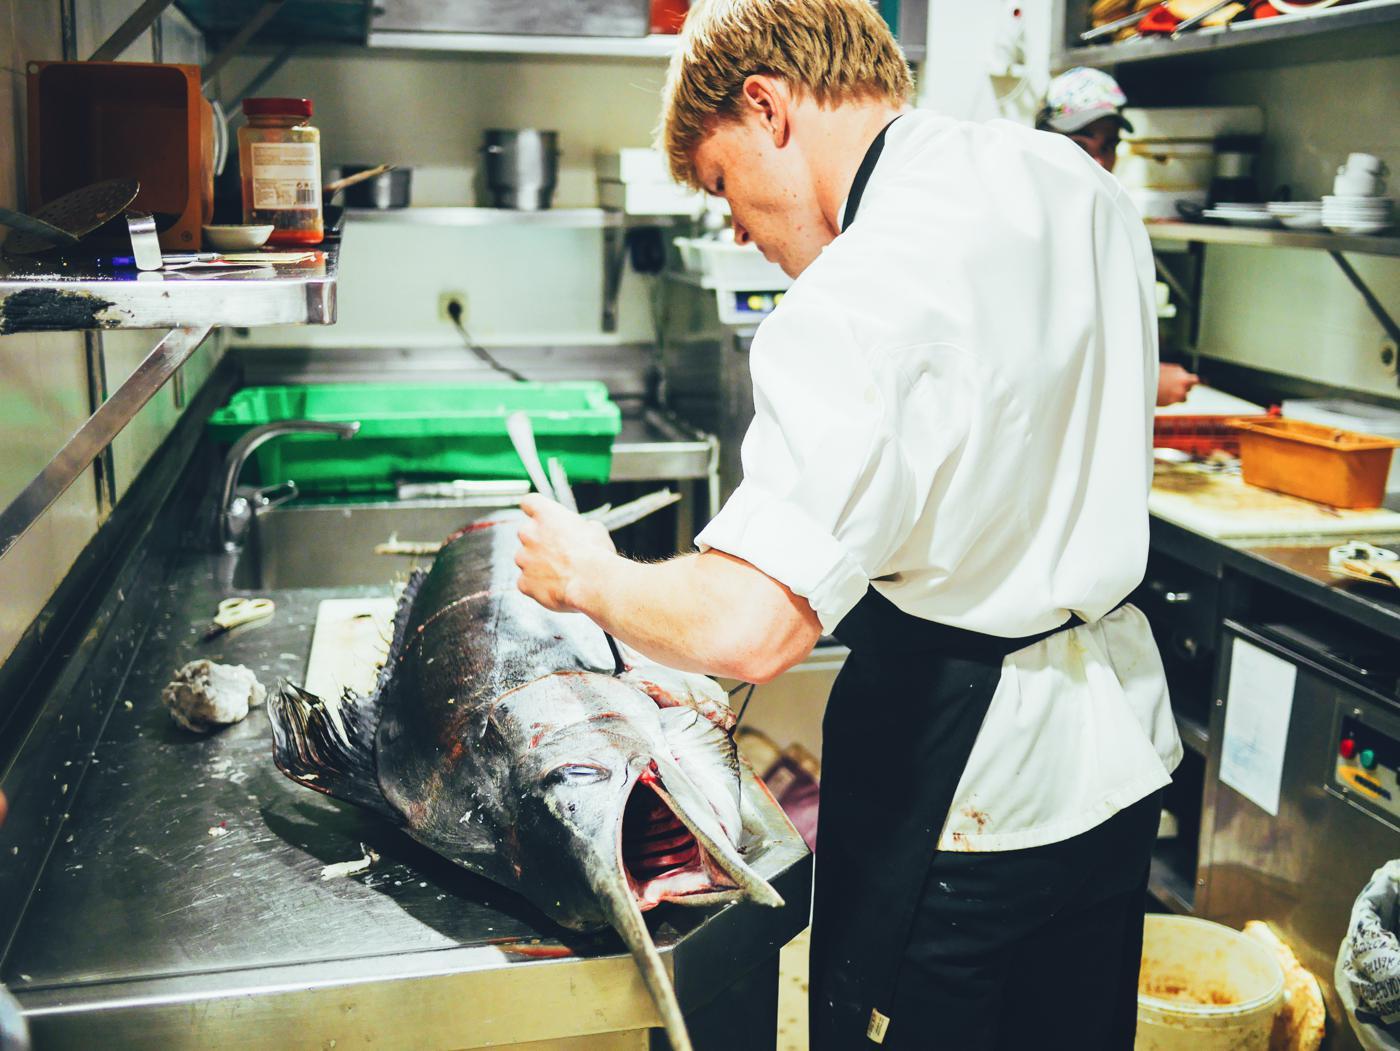 Restaurante Ziaboga-Hondarribia. Preparando un pez-espada